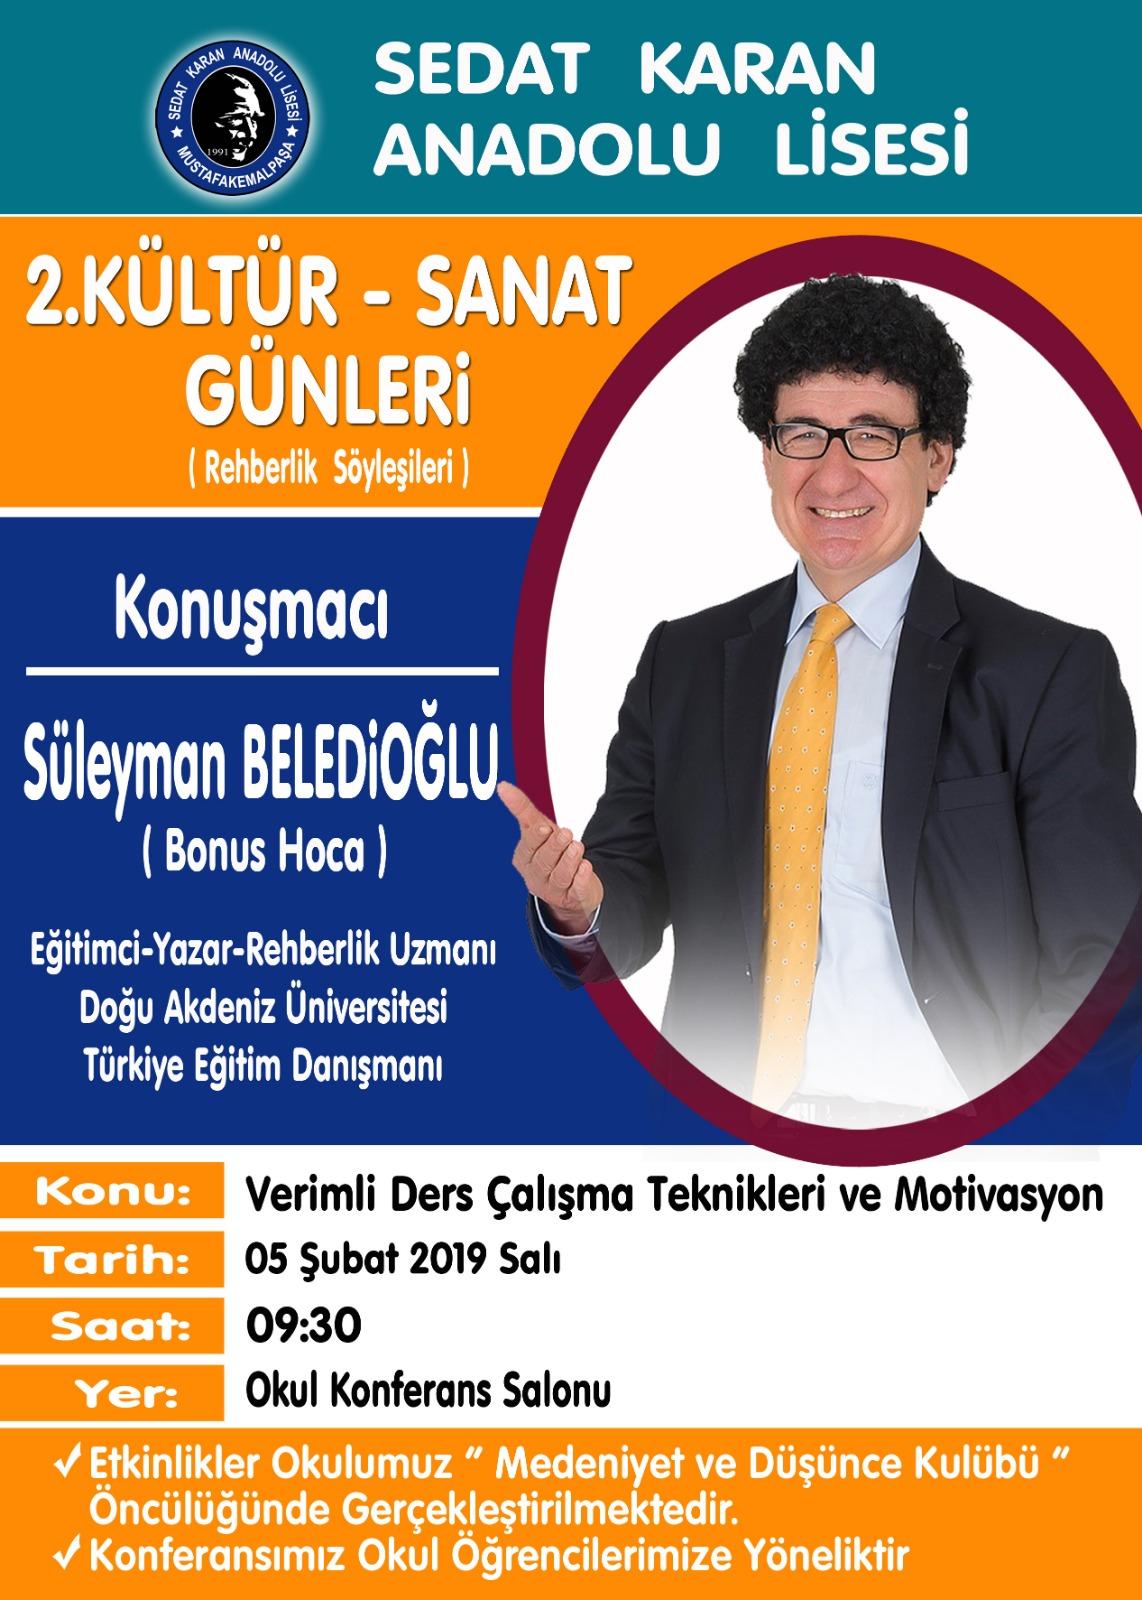 Bonus Hoca Sedat Karan Anadolu Lisesi'nde